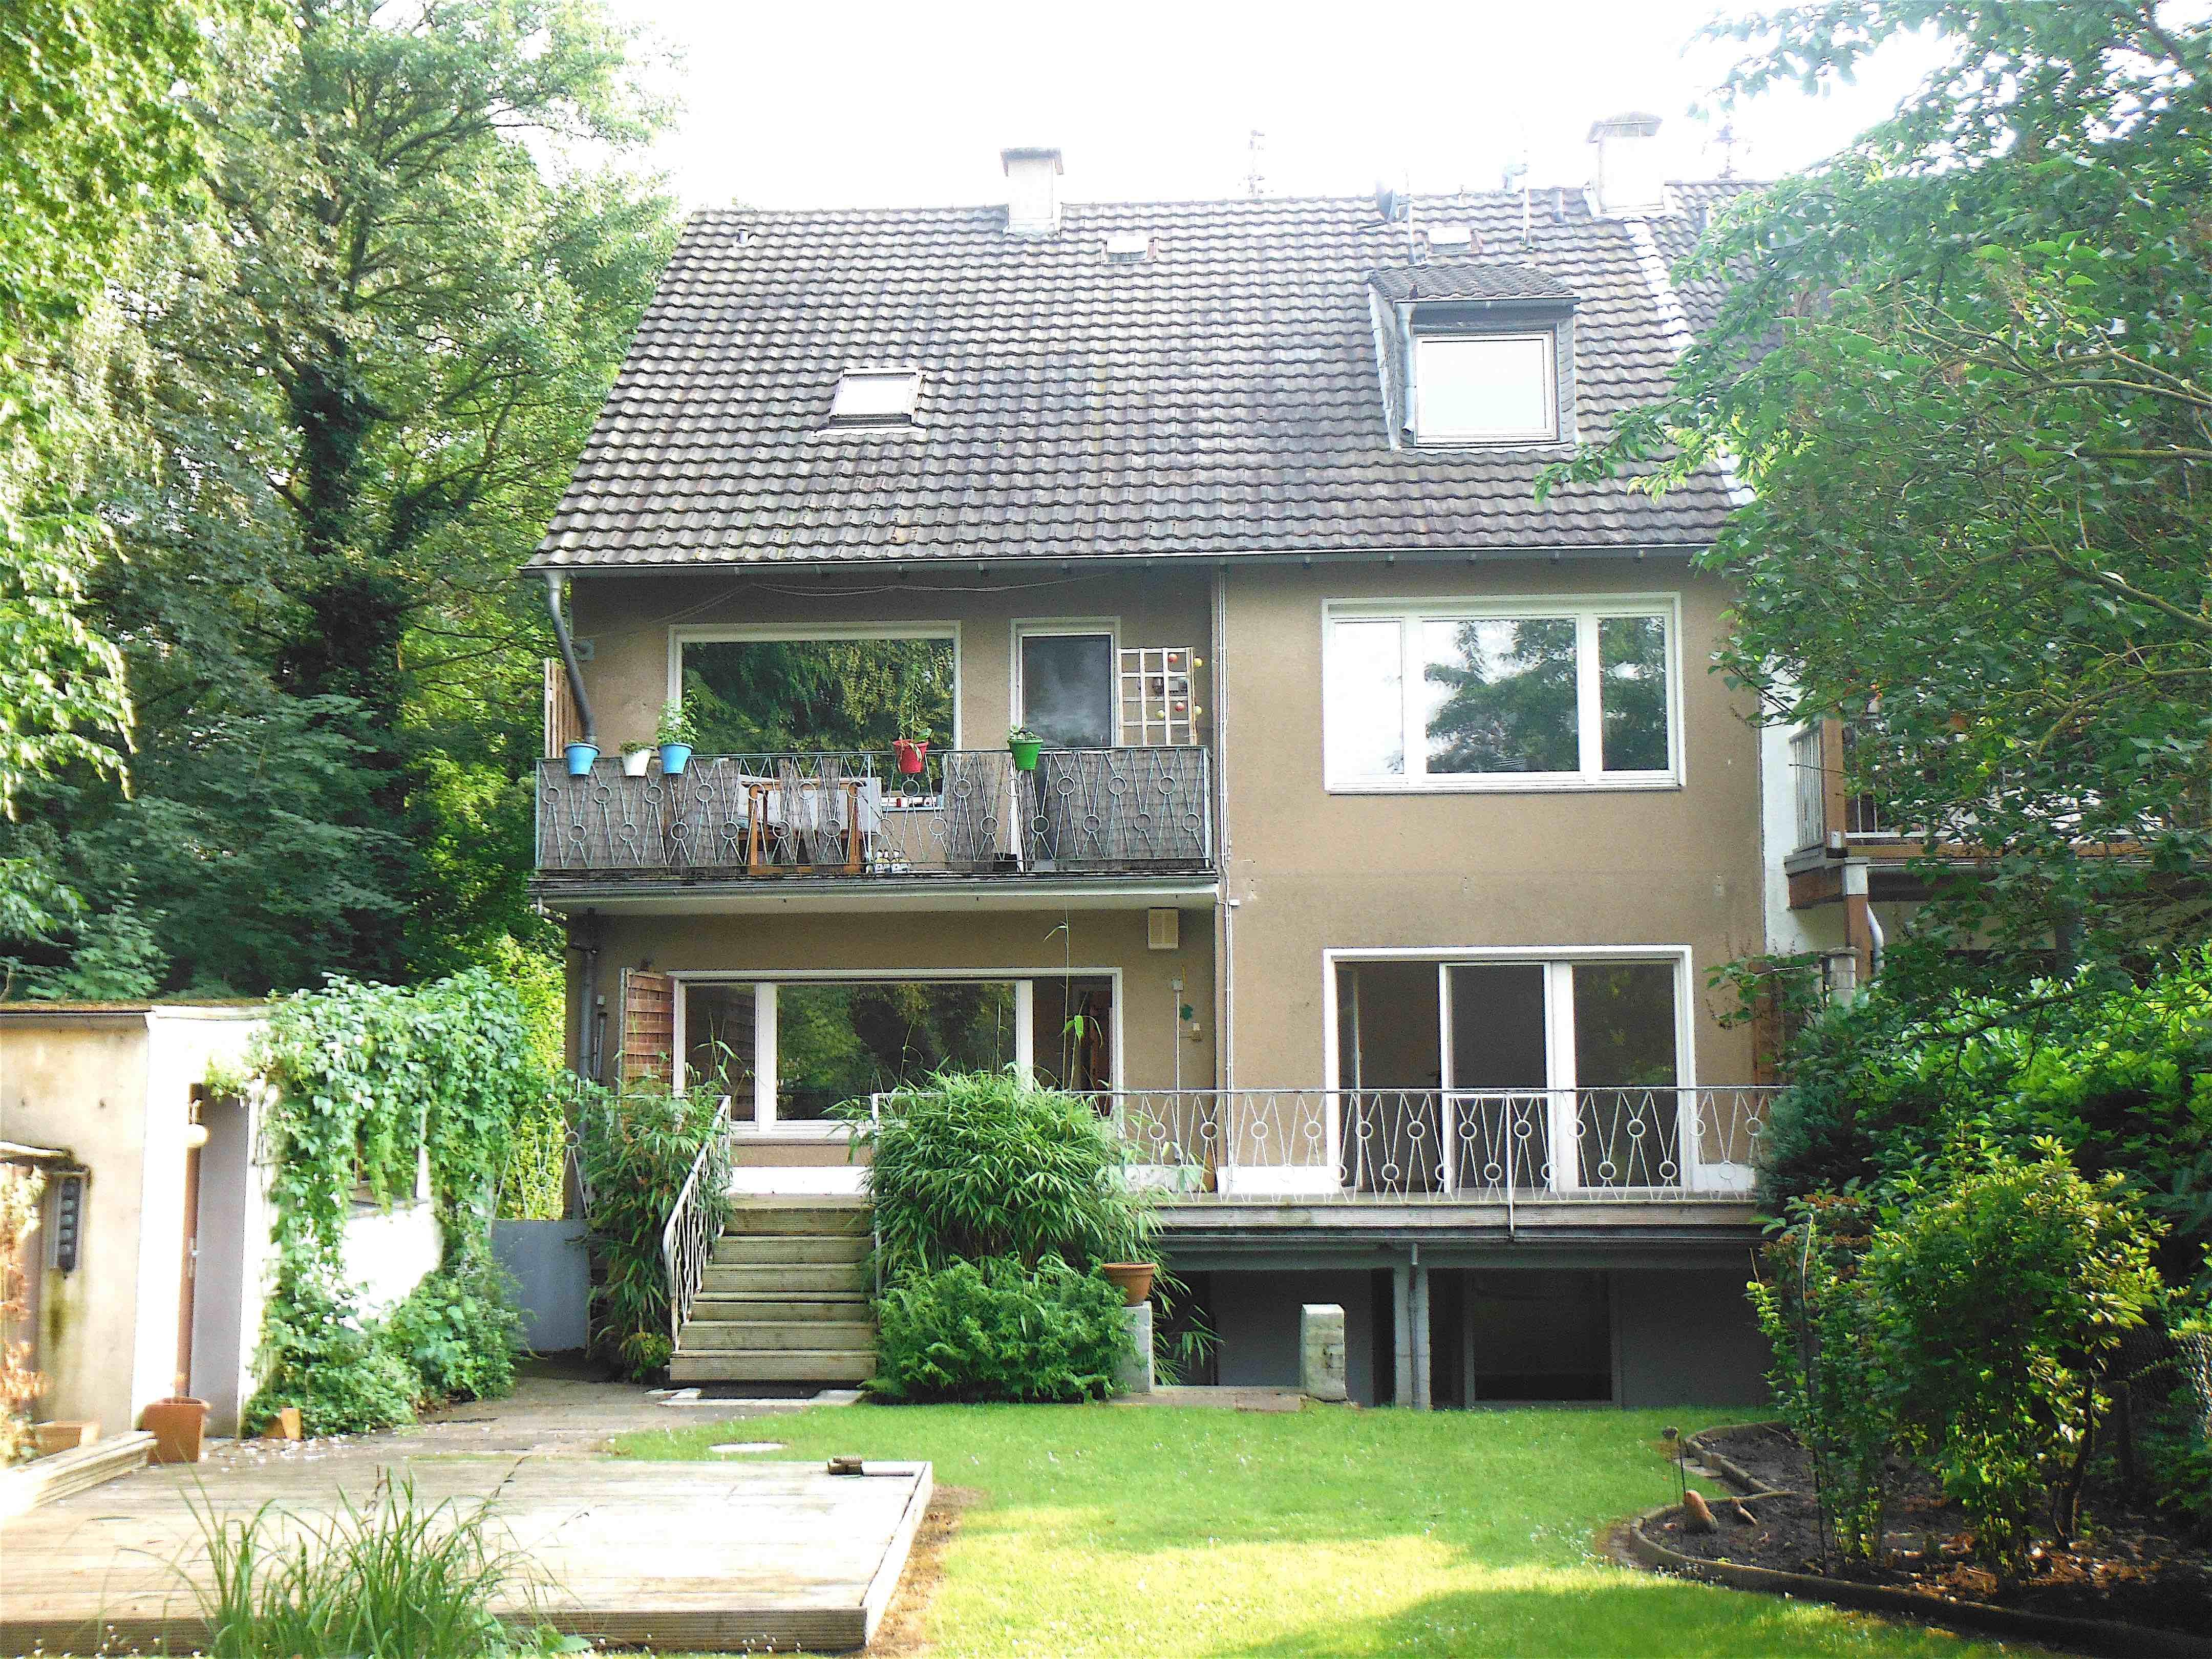 """Wohnprojekt """"Haus mit Freunden"""" 50354 Hürth"""